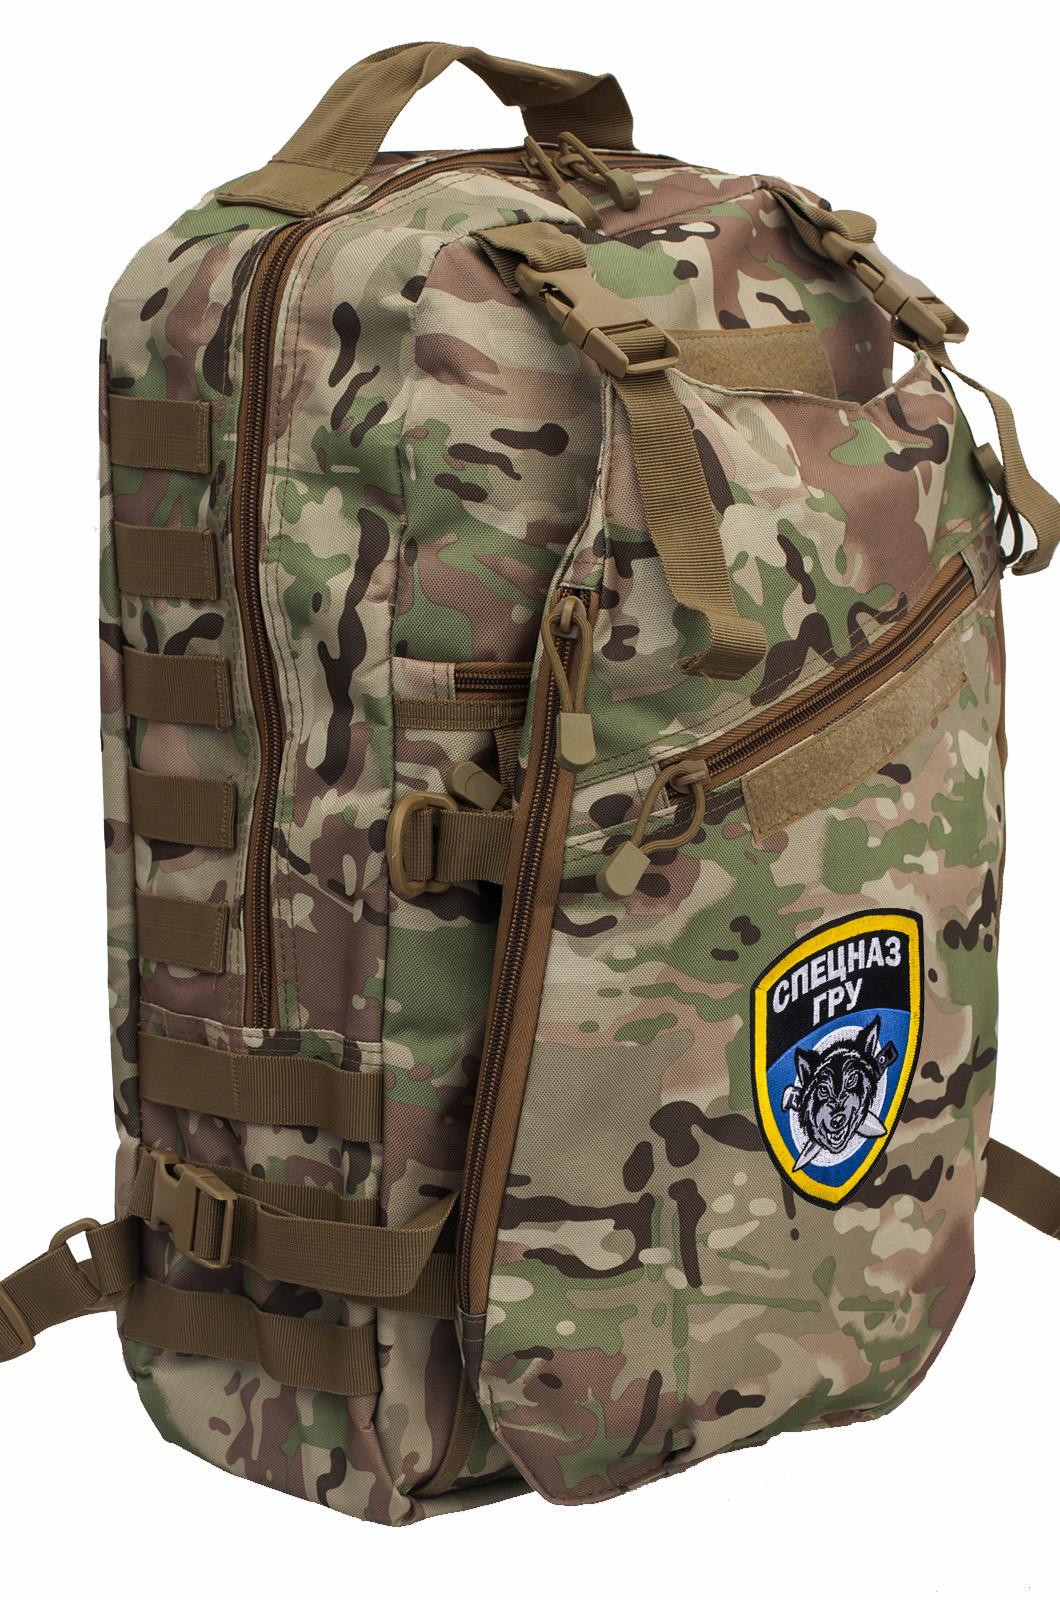 Продажа тактических рюкзаков Спецназа ГРУ